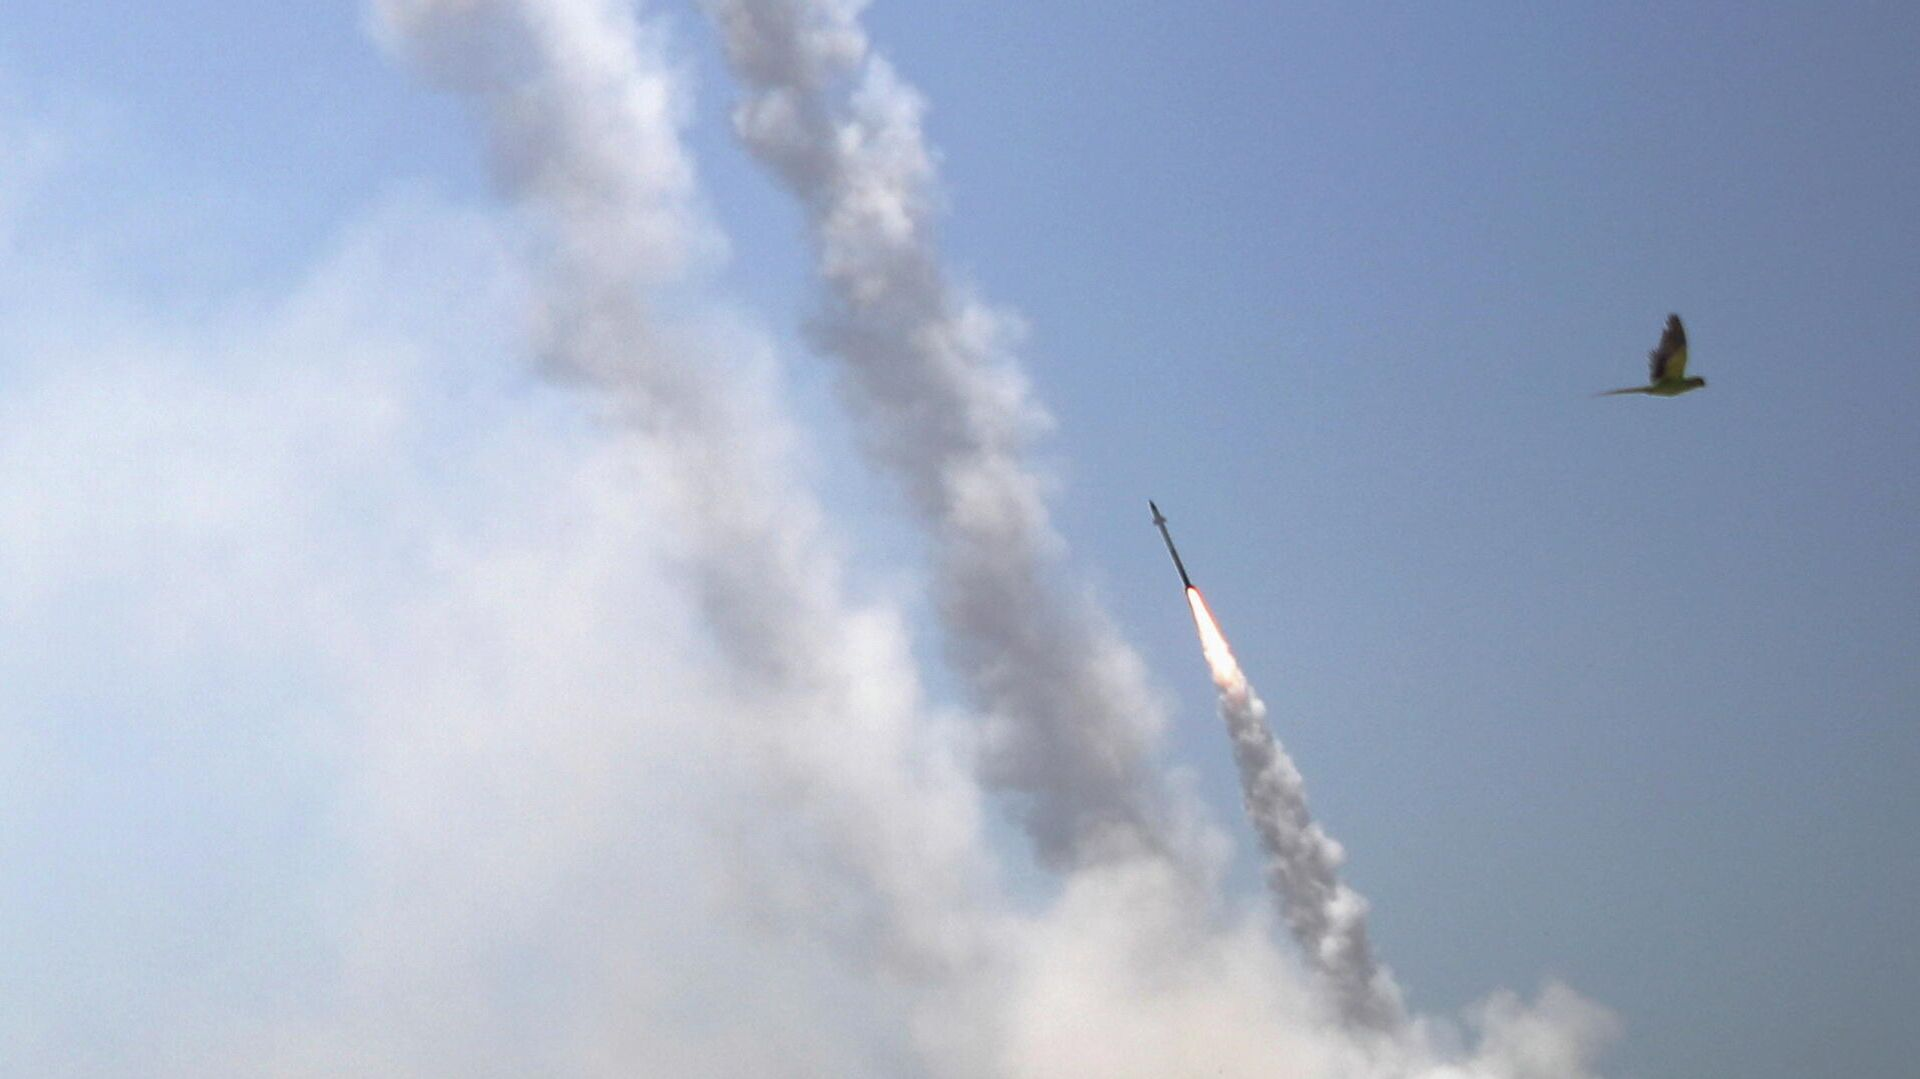 Противоракетная система Железный купол перехватывает ракеты, запущенные из сектора Газа в направлении Израиля - РИА Новости, 1920, 13.05.2021